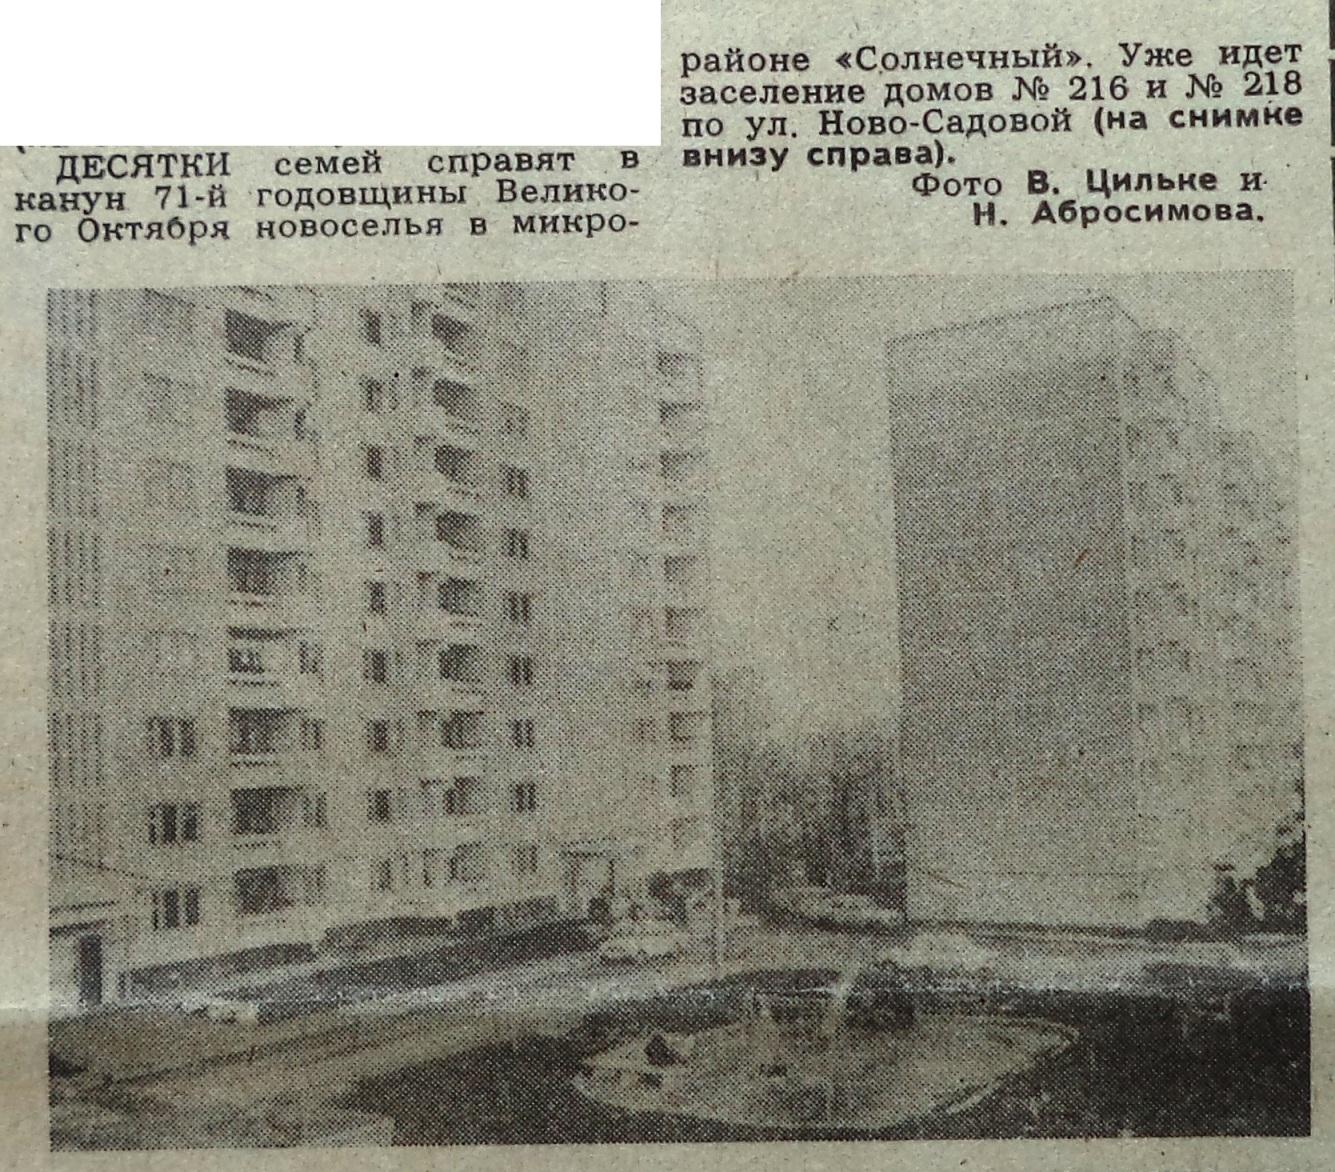 Ново-Садовая-ФОТО-105-ВЗя-1988-11-02-новые дома по НС-216 и НС-218